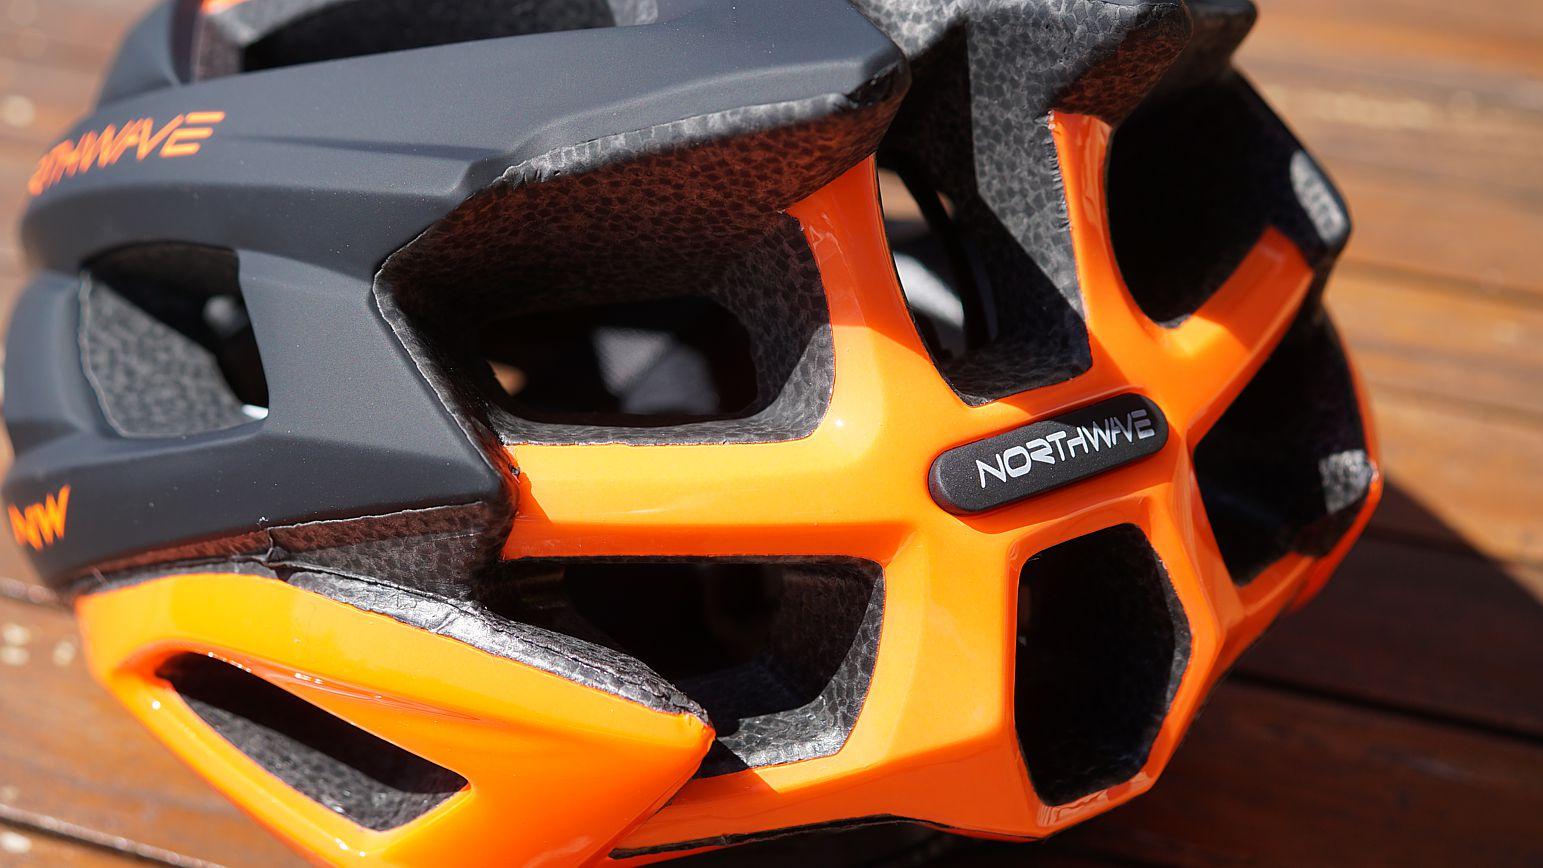 Sehr schick - die gelochten Rückenplatte in der Akzentfarbe der Limited-Serie. Das macht den Helm sehr dynamisch und schlank.